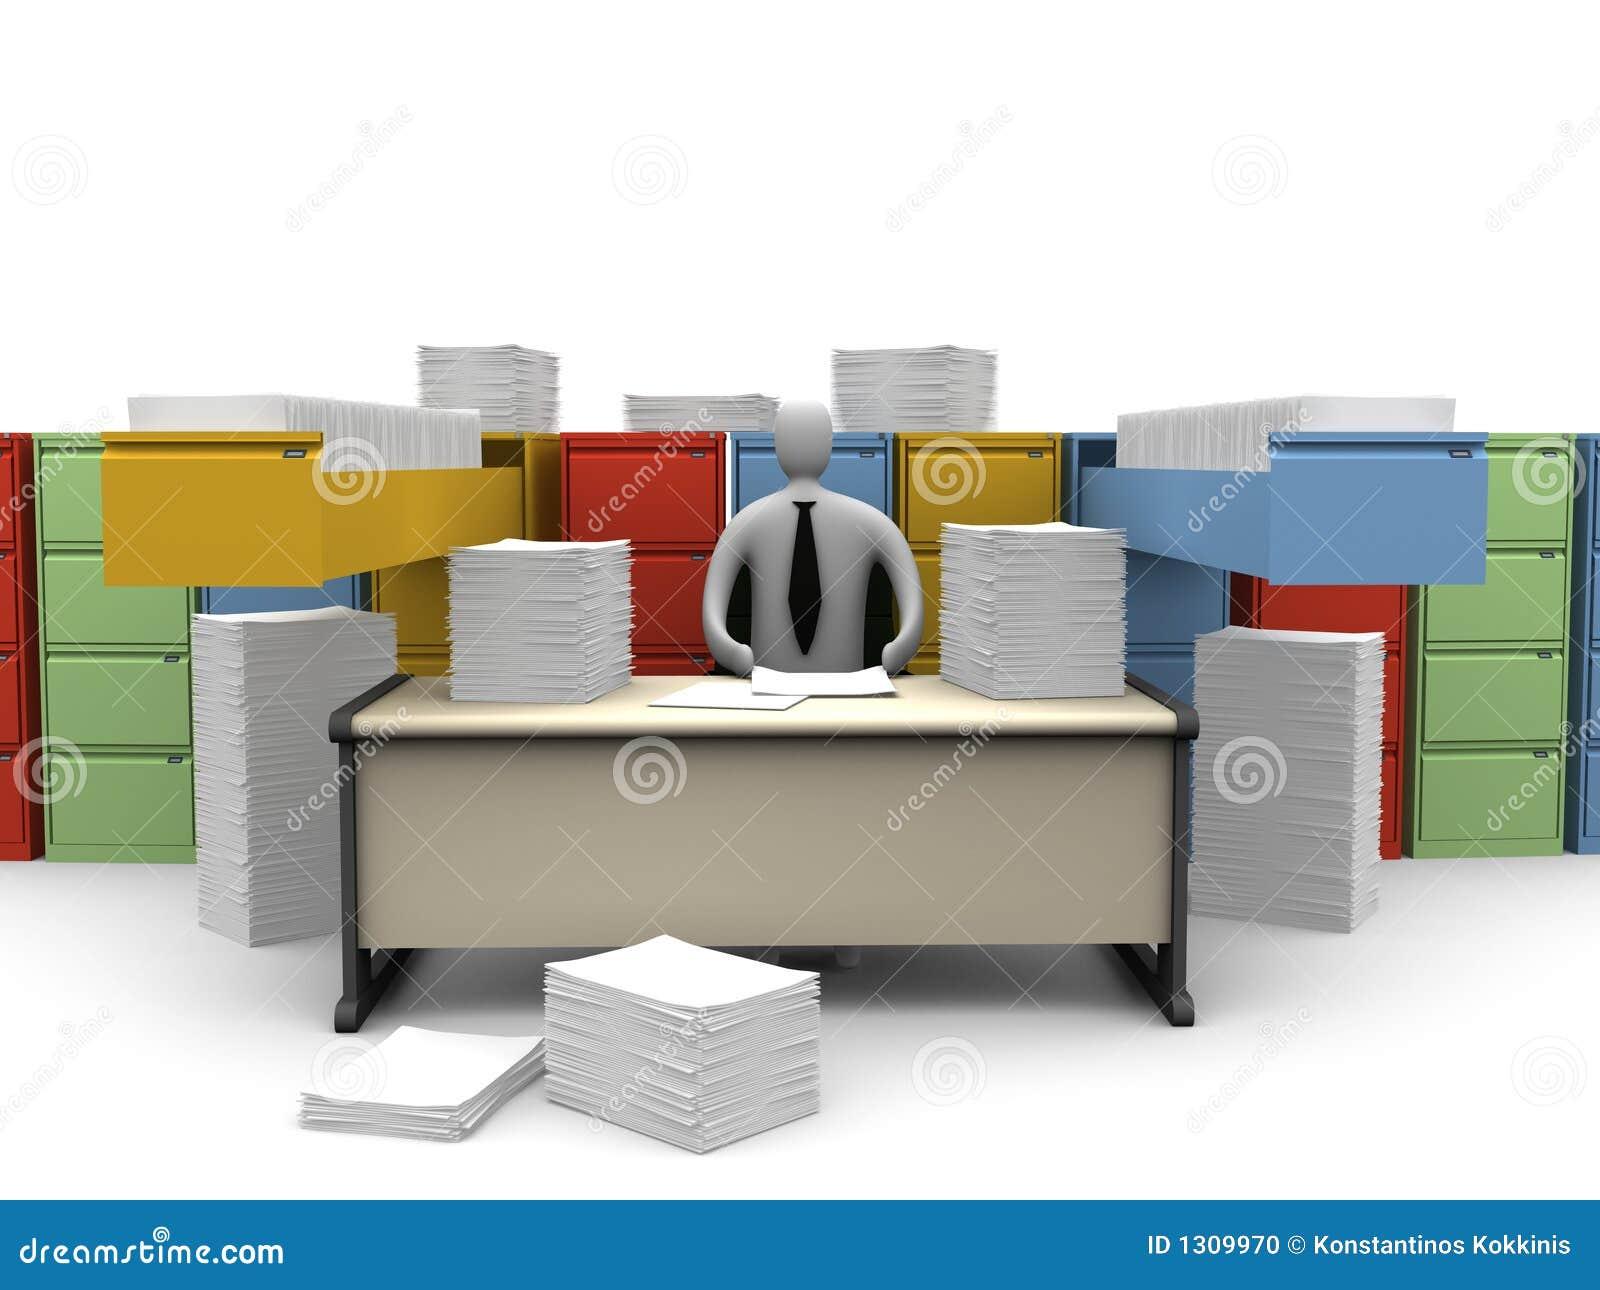 Niekończące się chwilę biura papierkowa robota